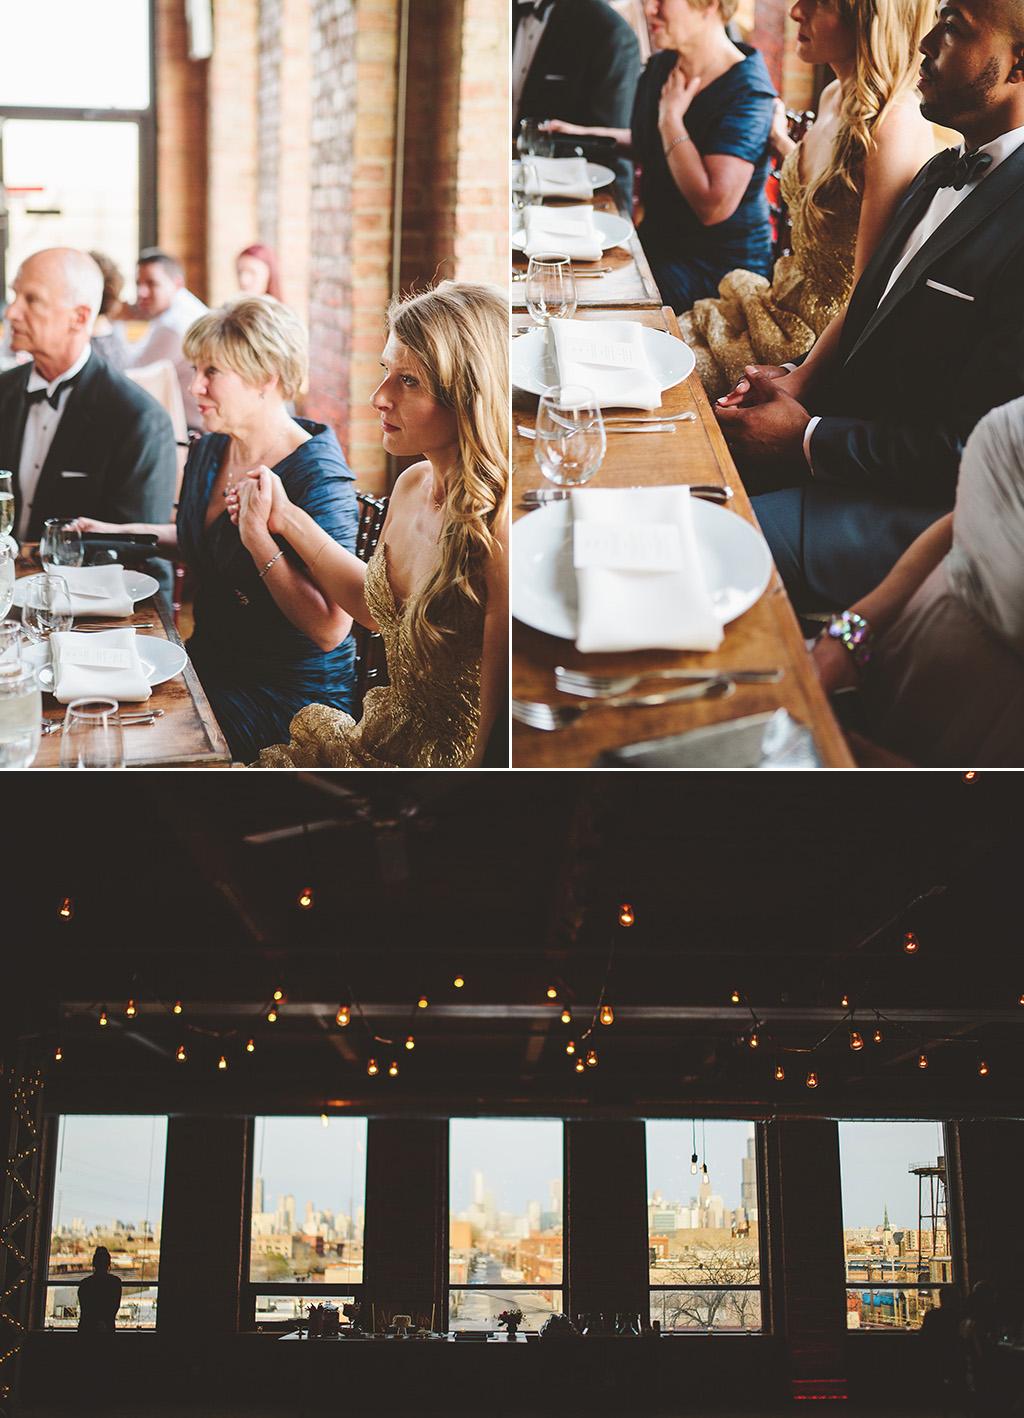 Kitchen Chicago wedding reception space